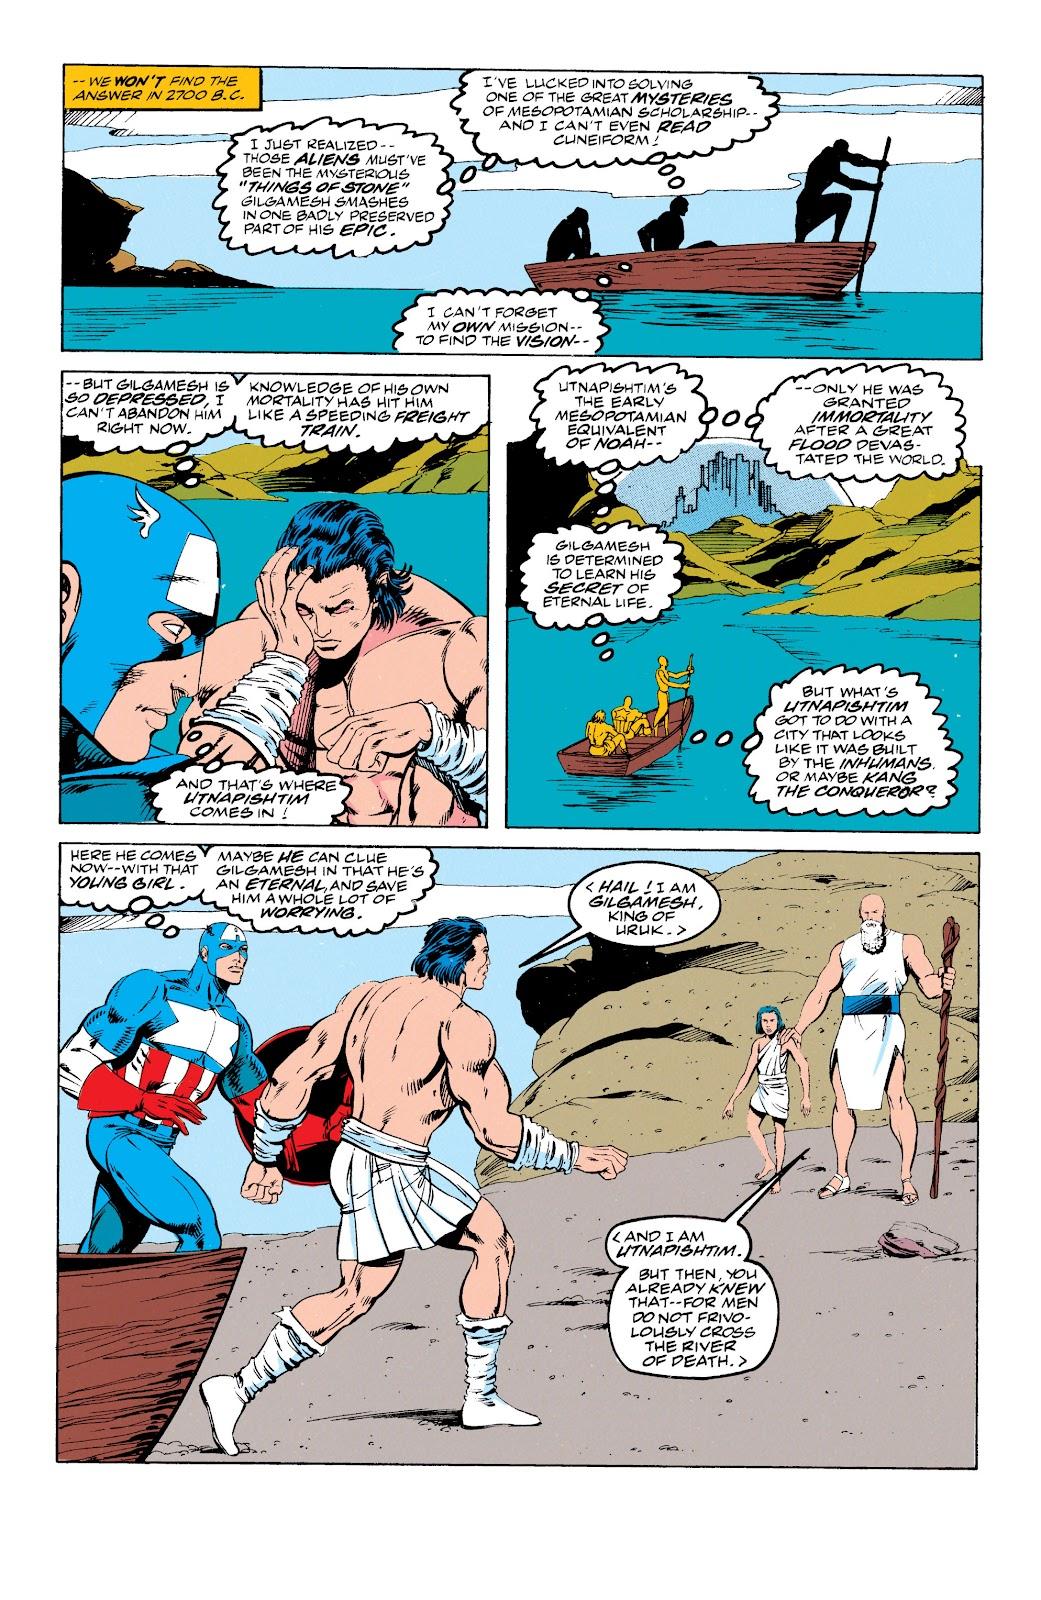 Read online Avengers: Citizen Kang comic -  Issue # TPB (Part 1) - 20